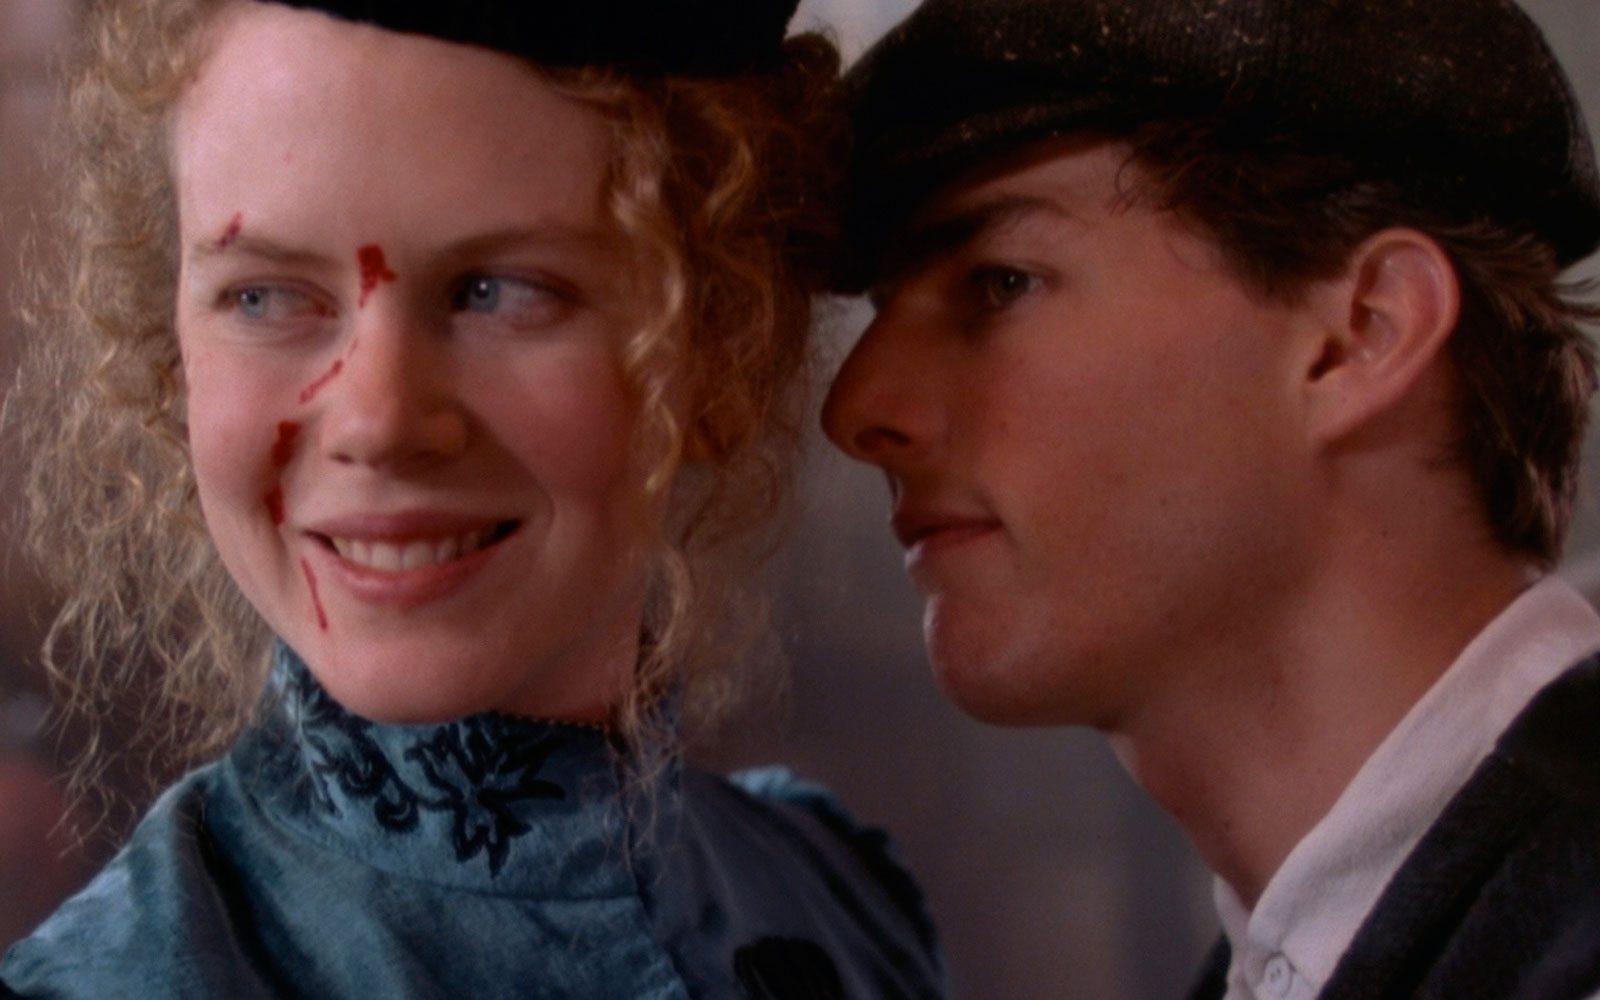 """""""Cuori ribelli"""" (1992) Secondo film accanto Tom Cruise, è diretto da Ron Howard e ambientato nell'Ottocento. Prima prova in costume per la giovane Nicole, ancora lentigginosa e riccissima, nel ruolo di un'elegante signorina di buona famiglia"""